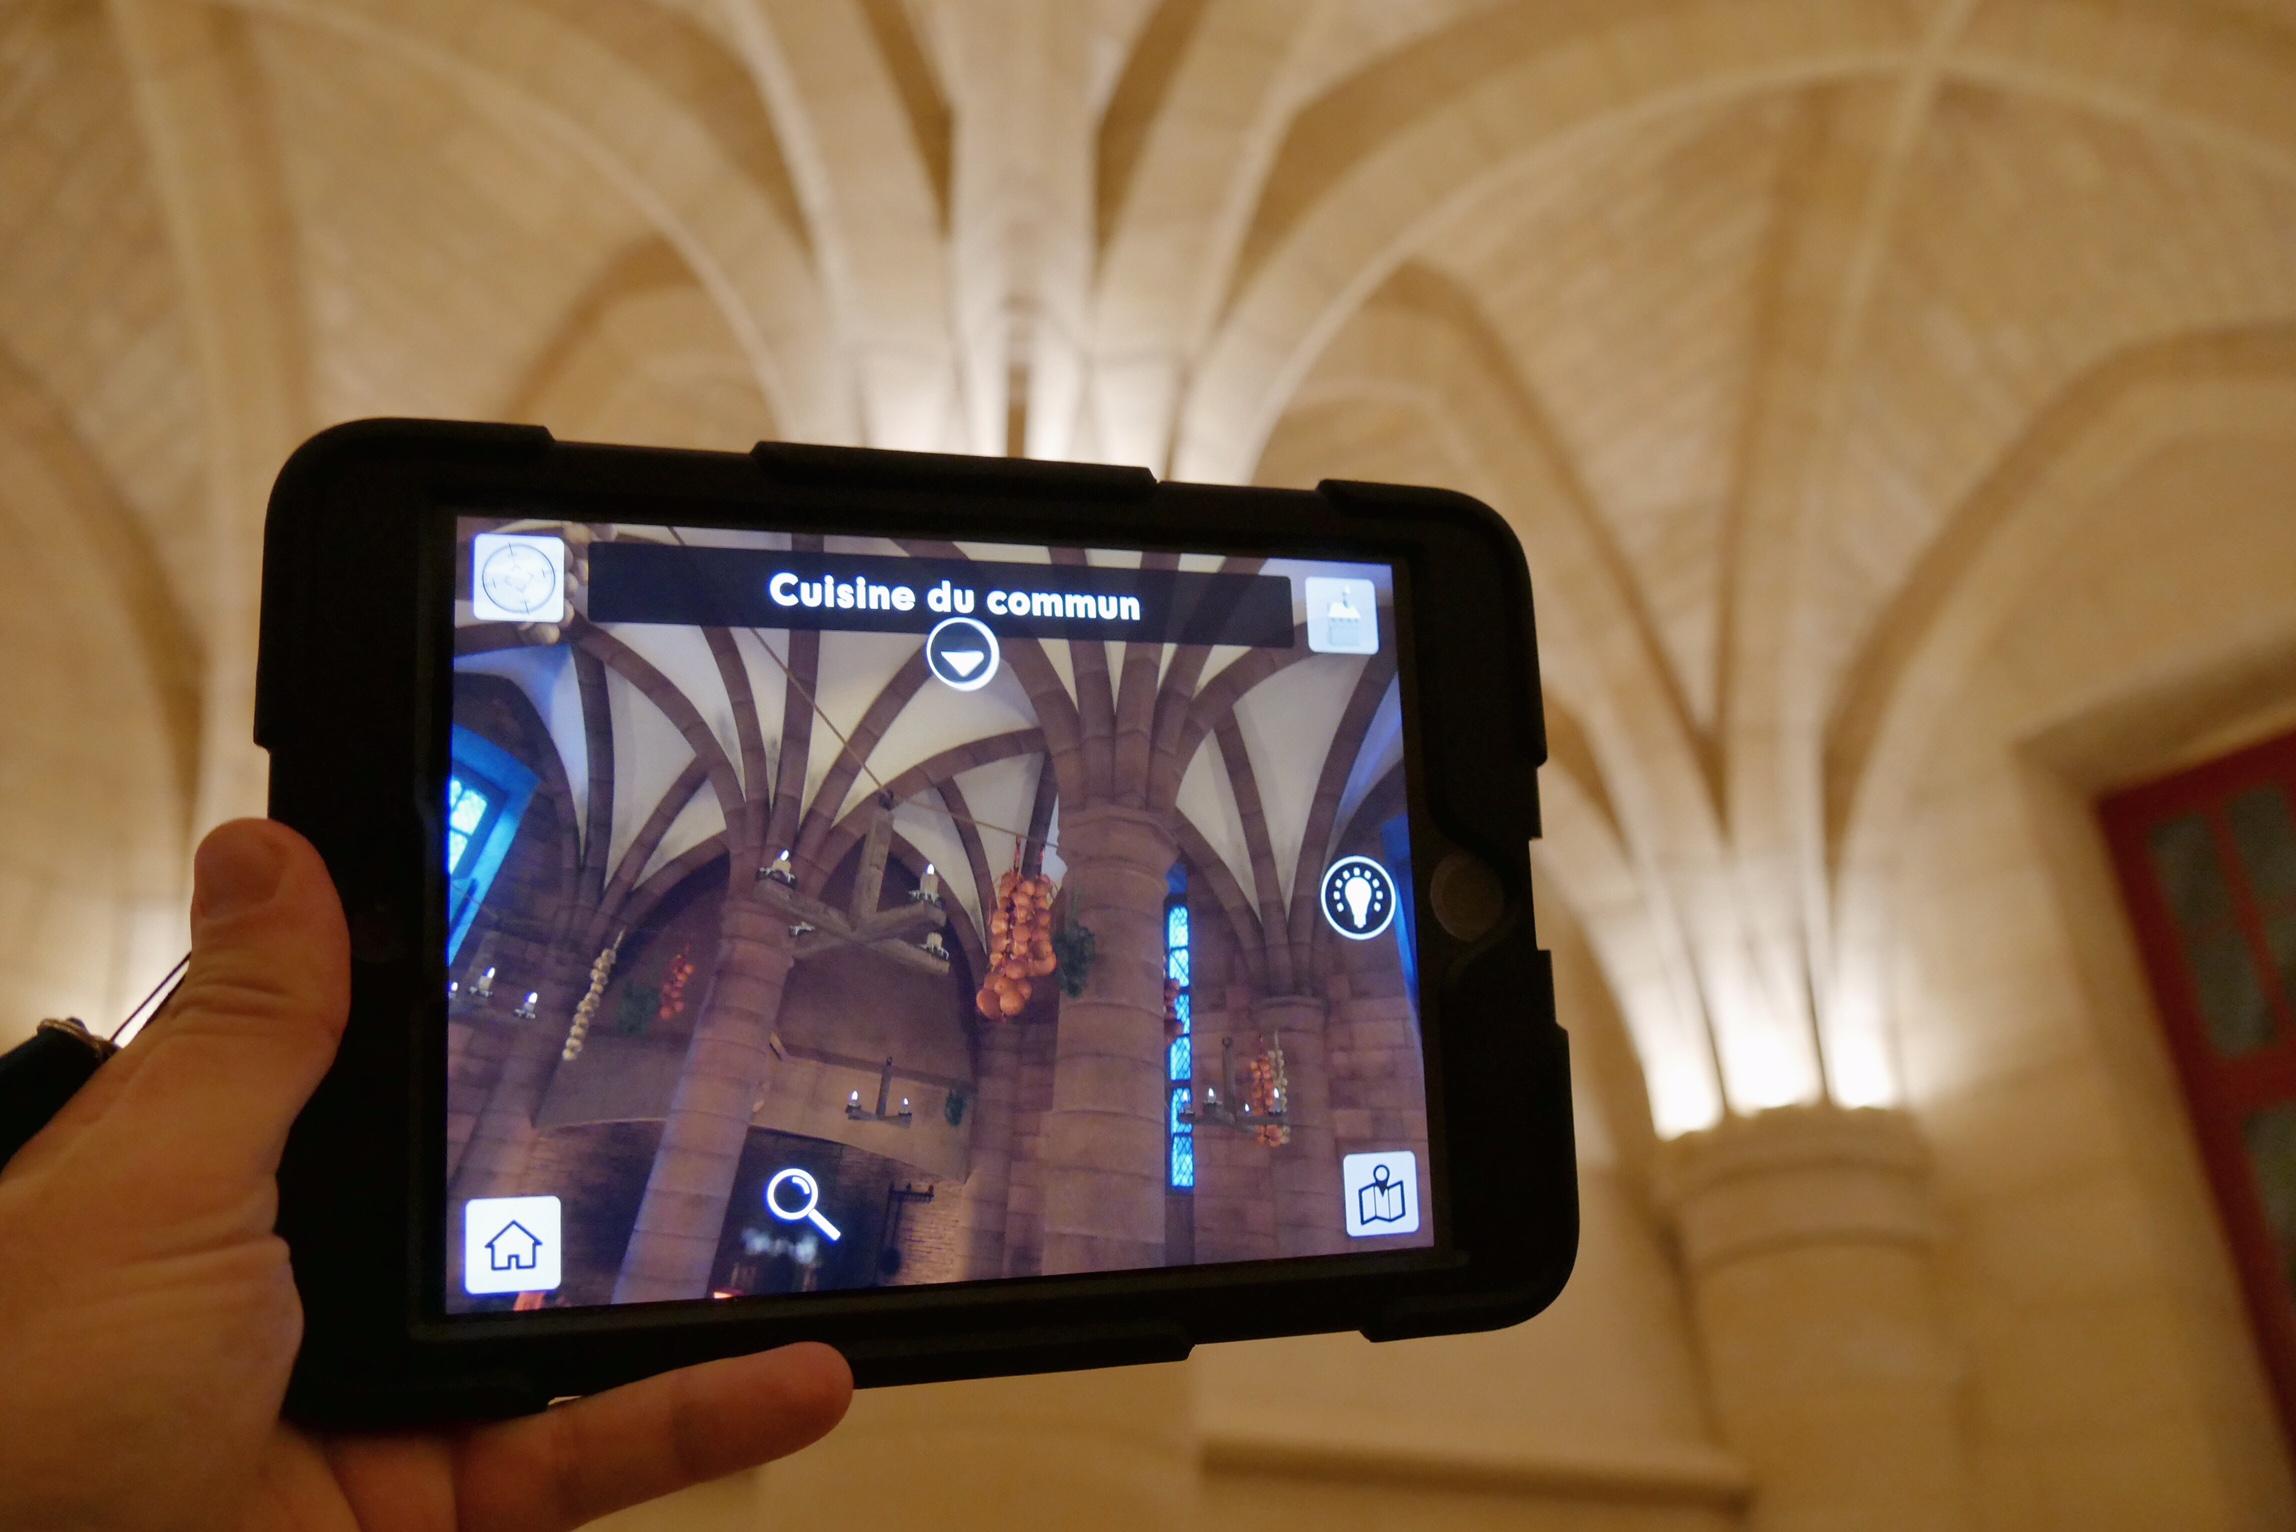 La Conciergerie paris fait sa révolution visite avec histopad réalité augmentée photo usofparis blog